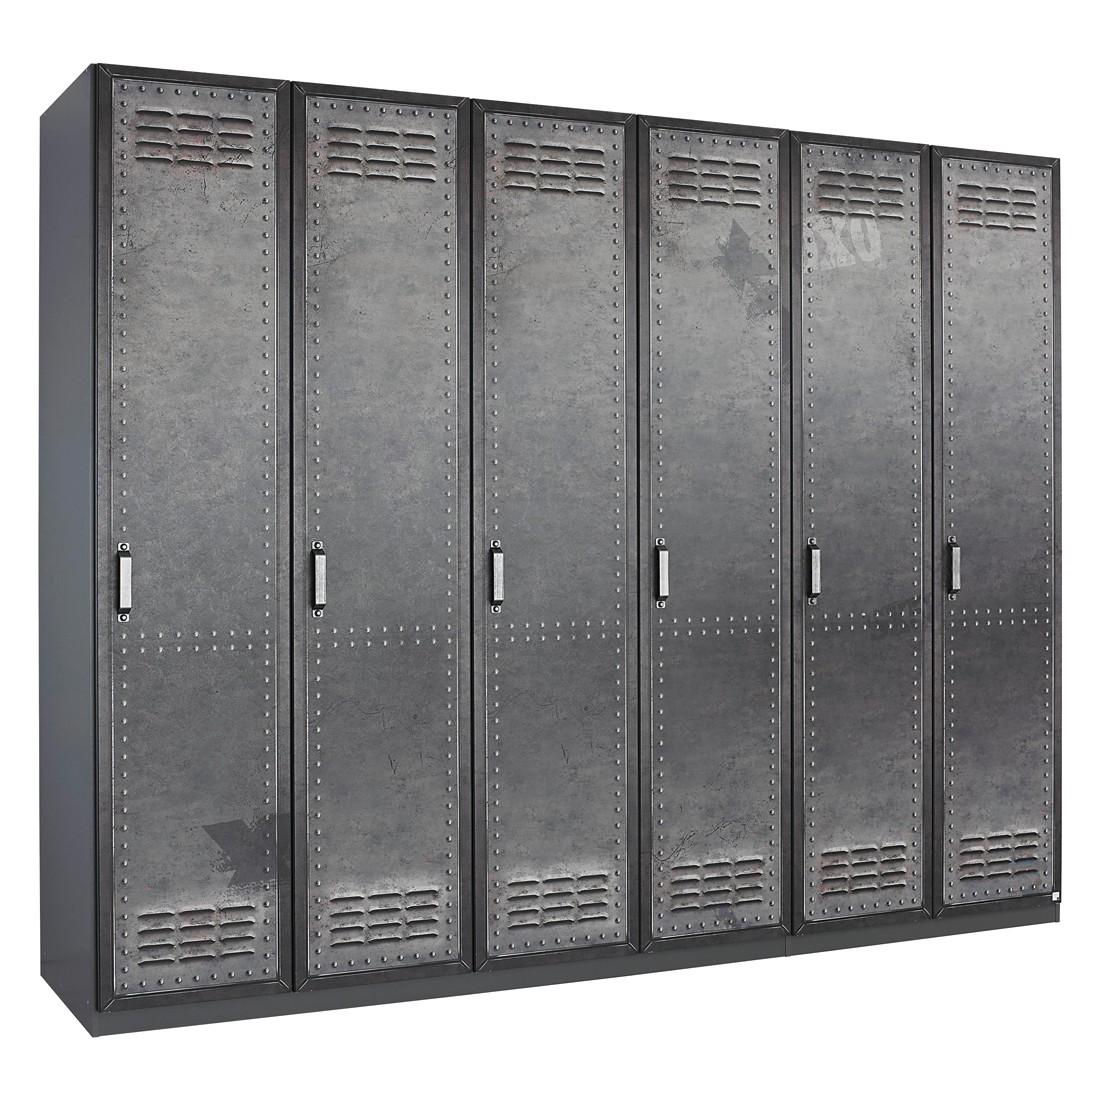 goedkoop Draaideurkast Workbase industrial print look grafietkleurig 270cm 6 deurs scharnieren rechts Rauch Select